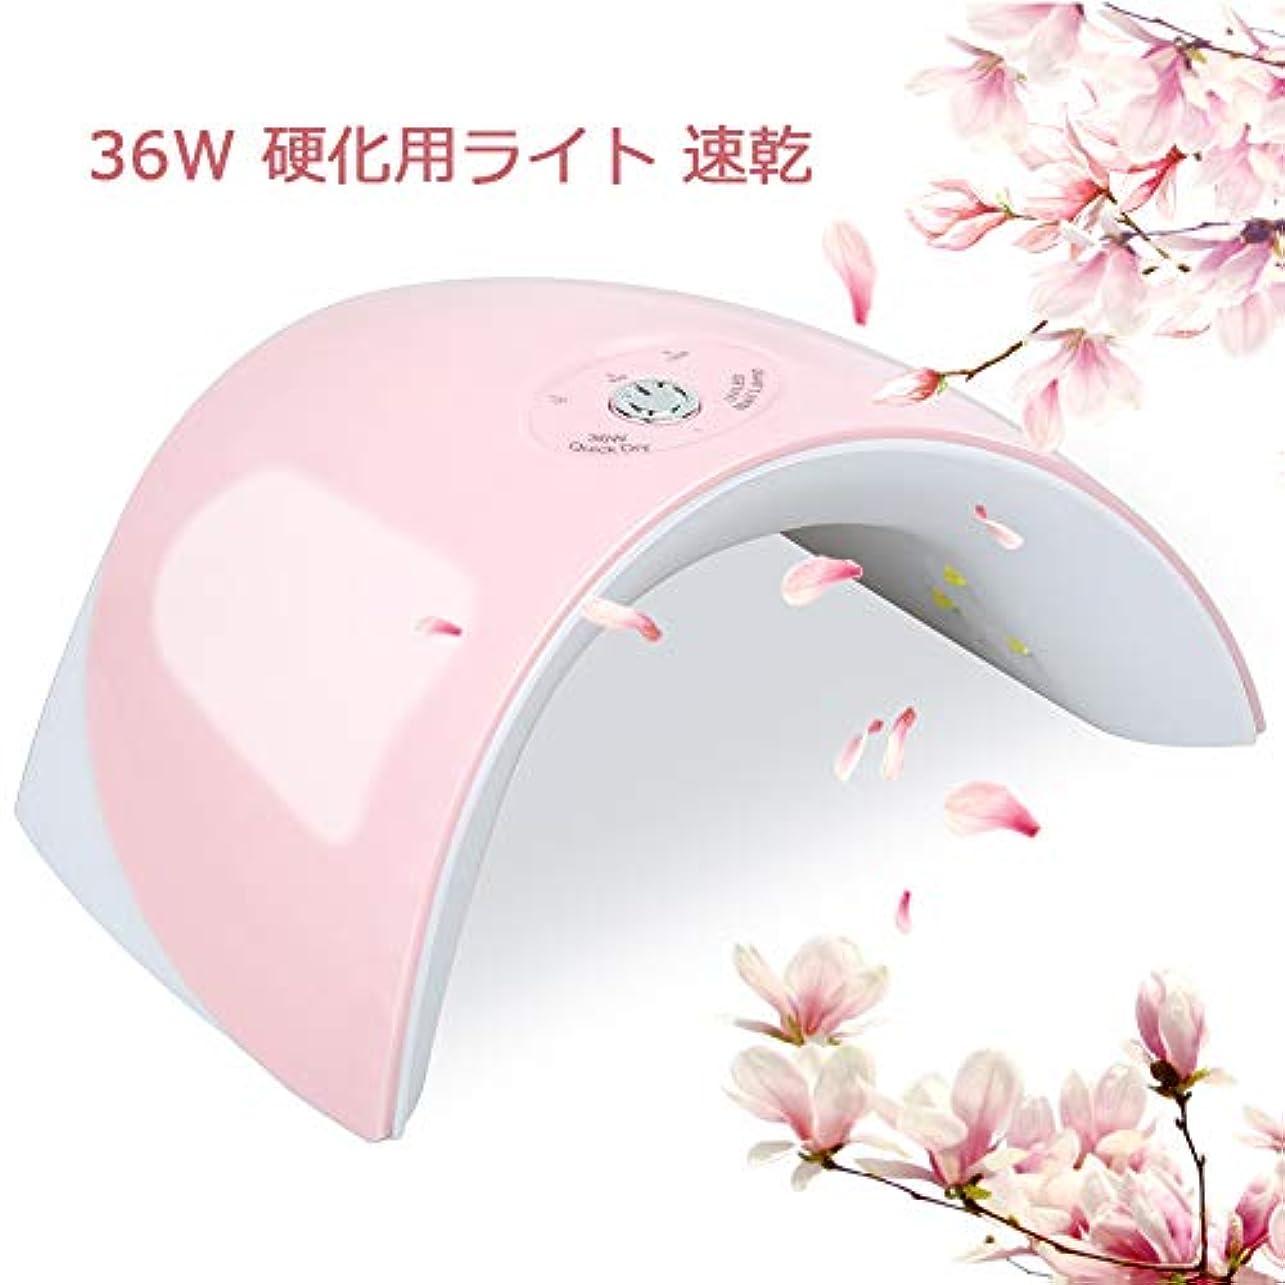 信頼性のある銅おTwinkle Store ネイルUV/LEDライト uvライトレジン用 ネイル パーツ ネイルledドライヤー 36W ピンク 硬化用ライト 分かりやすい説明書付き